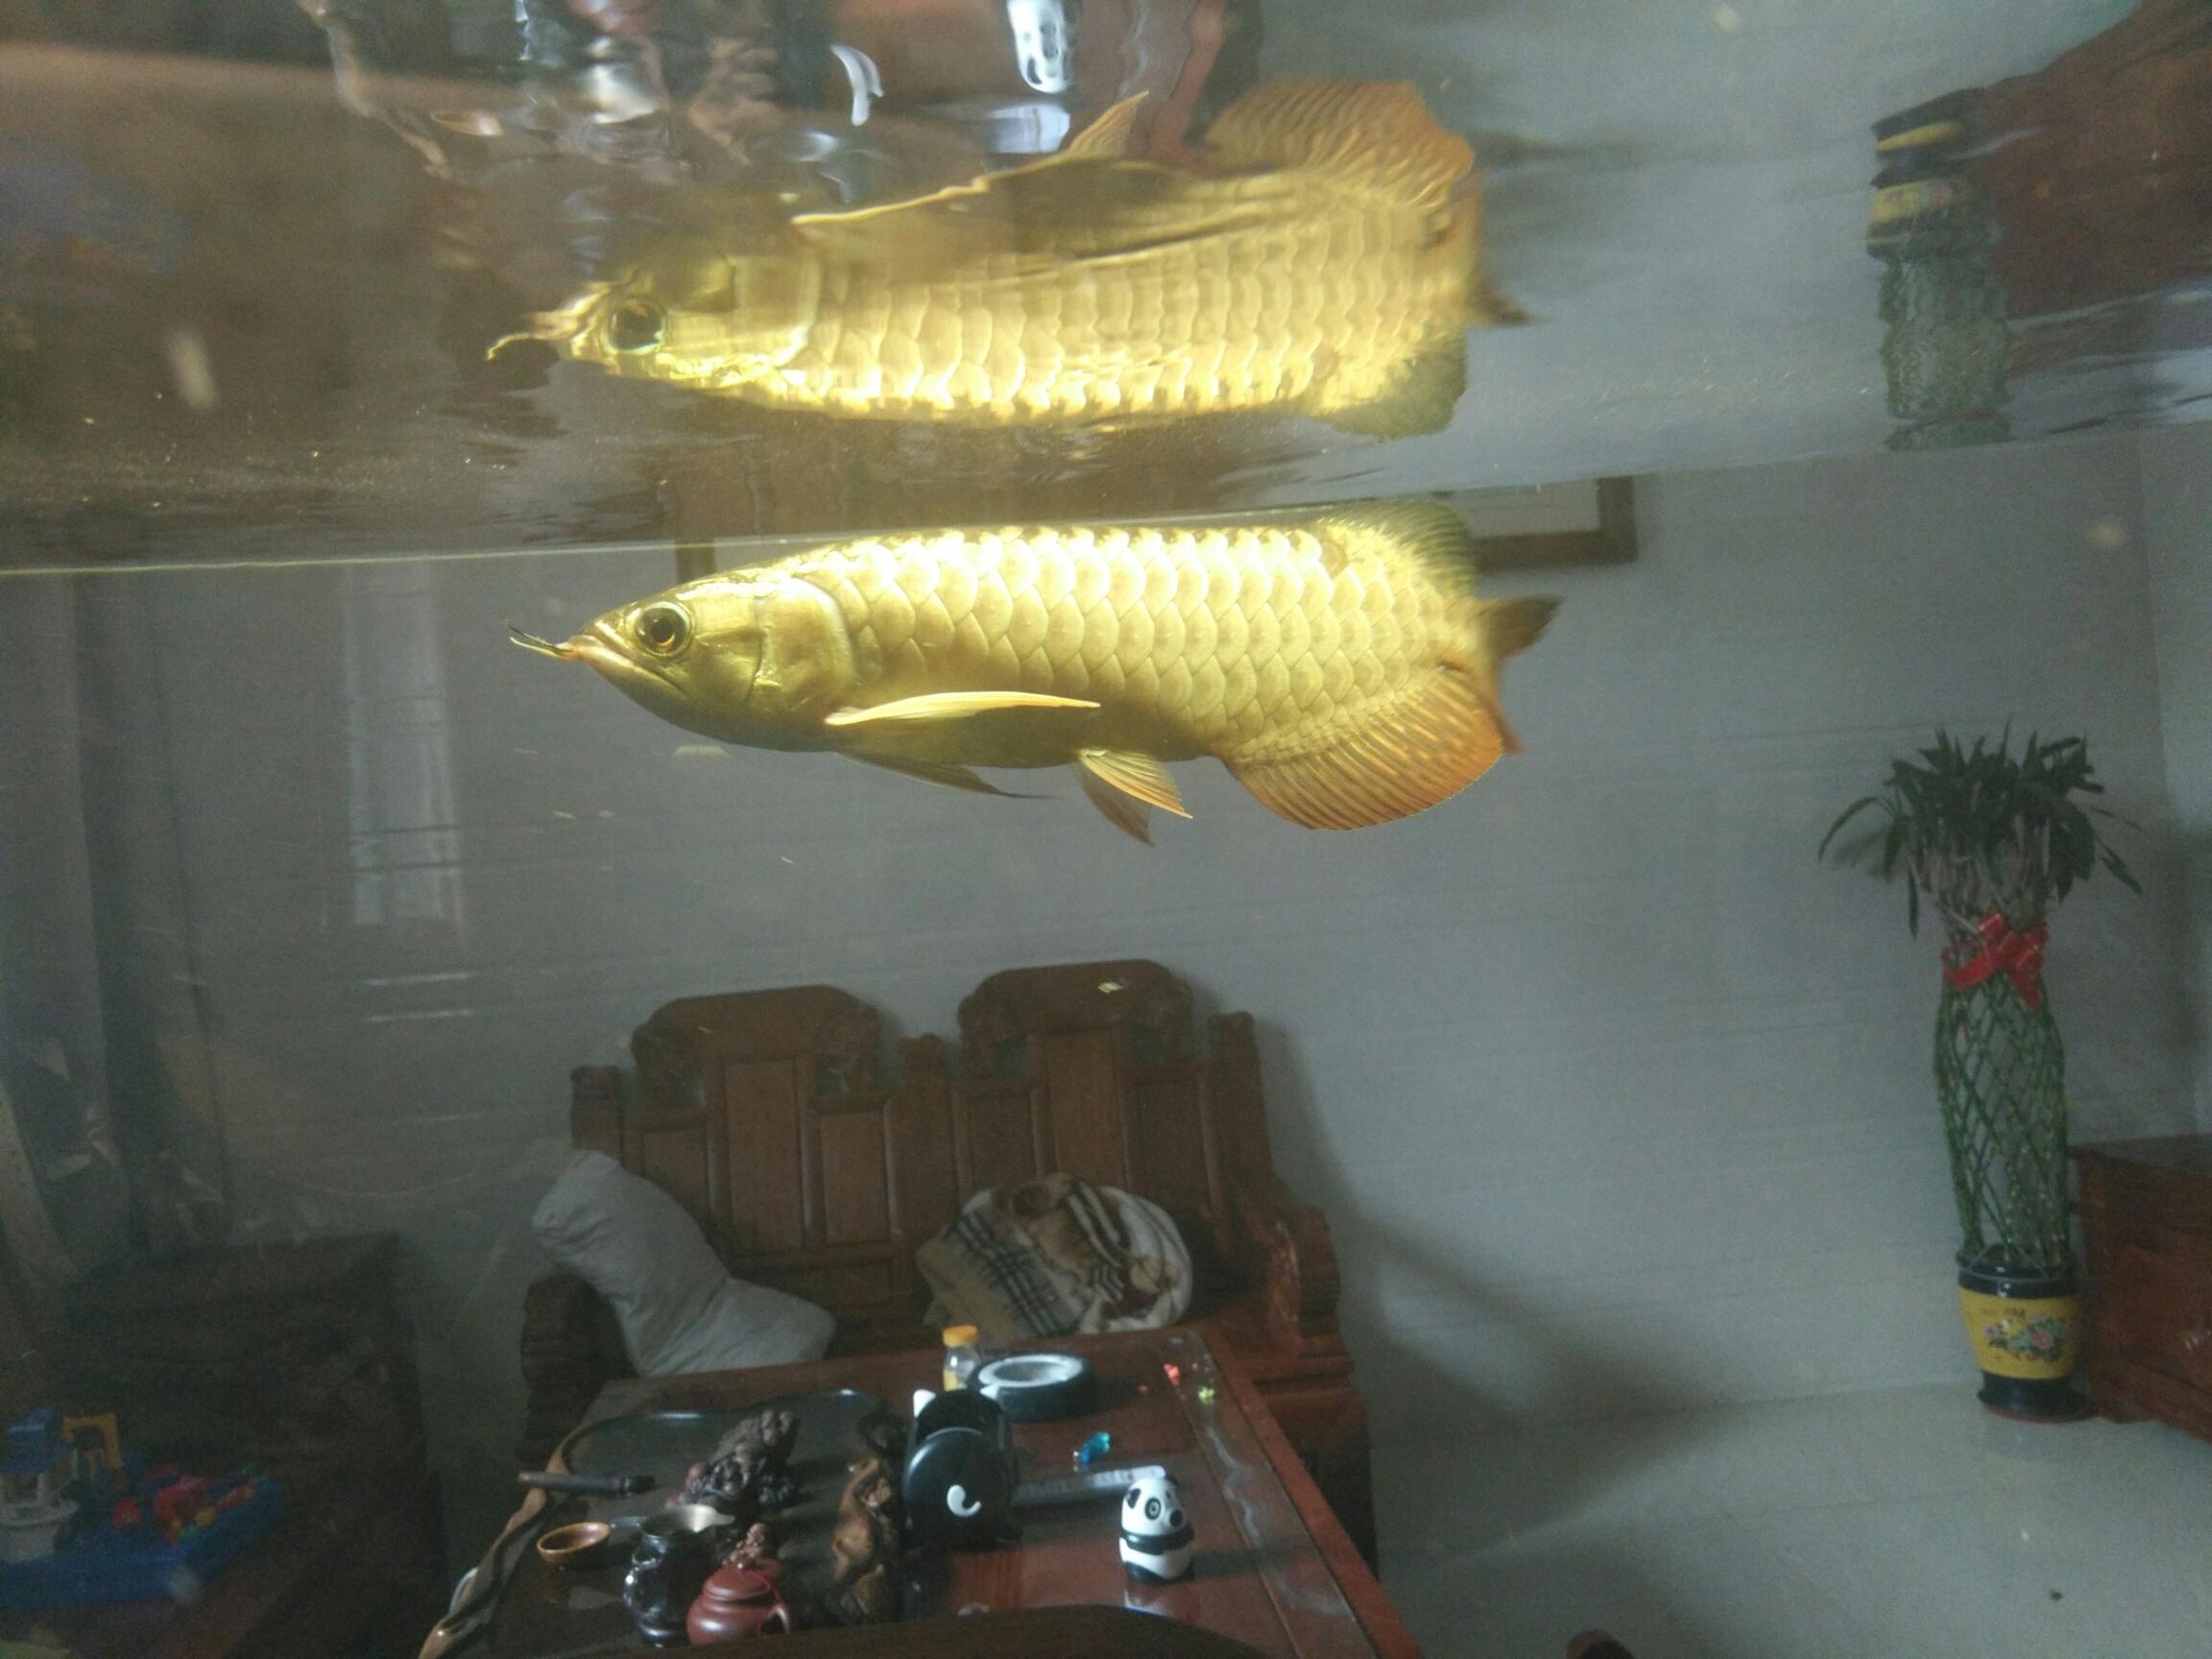 北京台湾蝴蝶鲤一个月了放出来晒晒 北京观赏鱼 北京龙鱼第5张